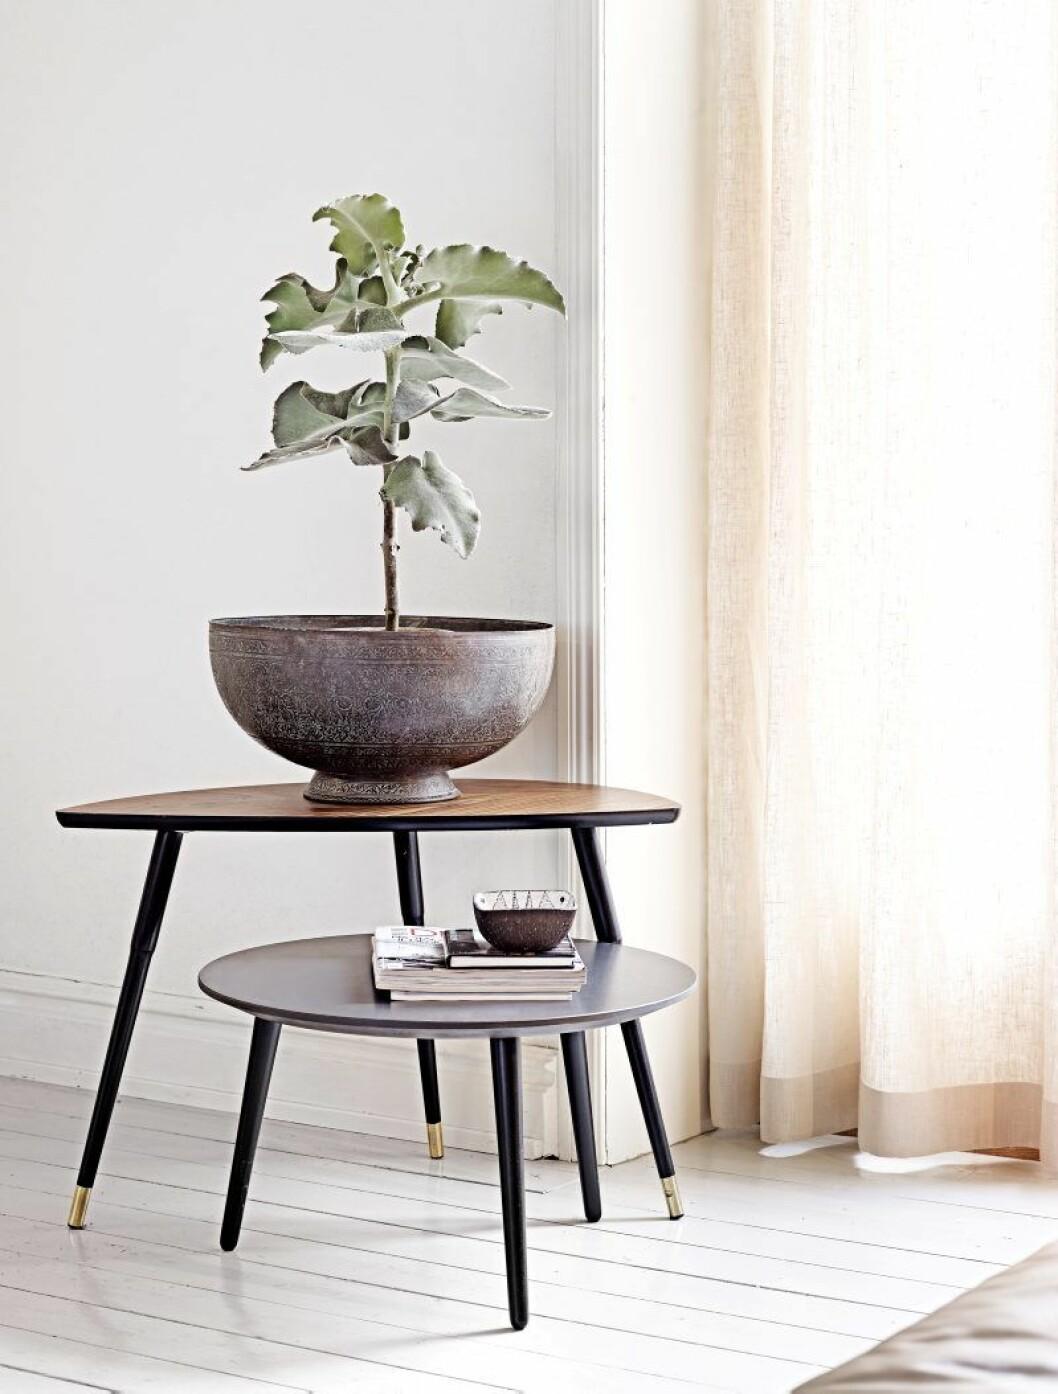 Bordet Lövbacken, längst bak, var Ikeas första flatpack-produkt och  revolutionerade möbelhandeln när det kom för mer än 60 år sedan.